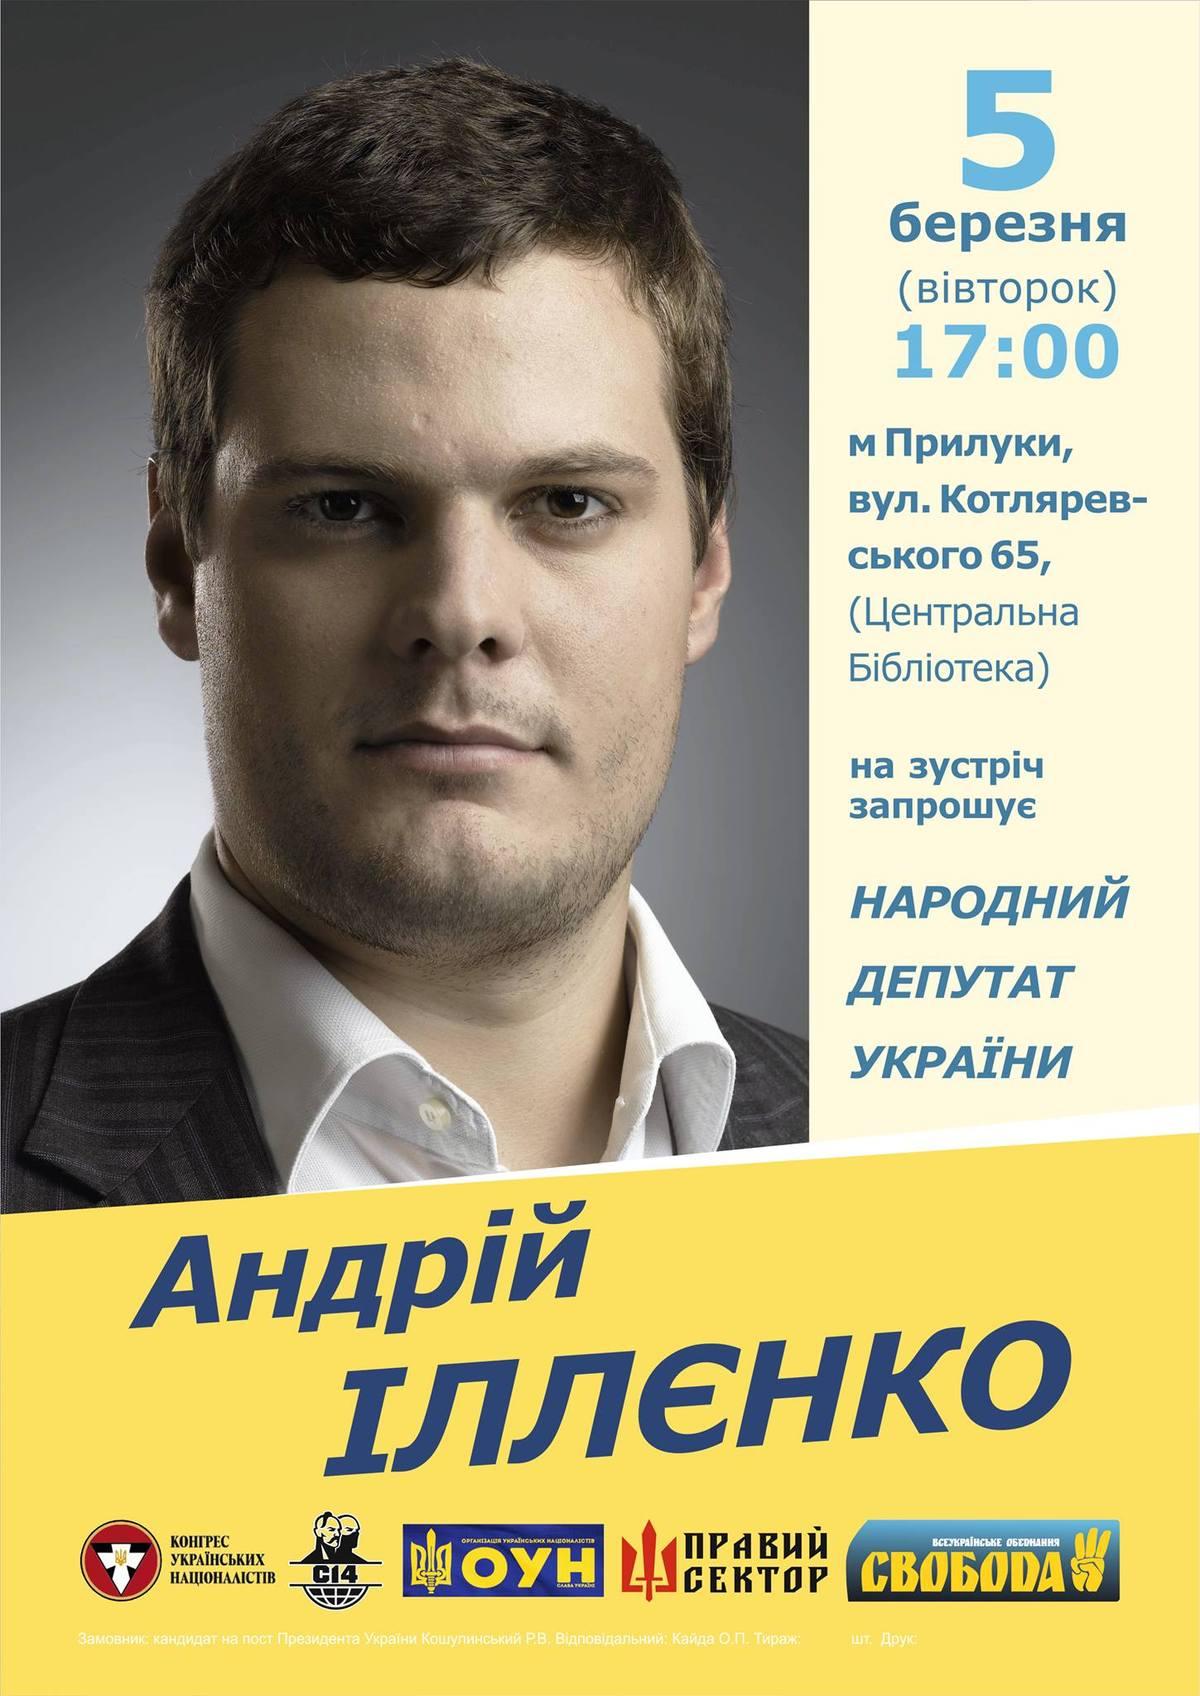 Зустріч з Народним Депутатом України Андрієм Іллєнком